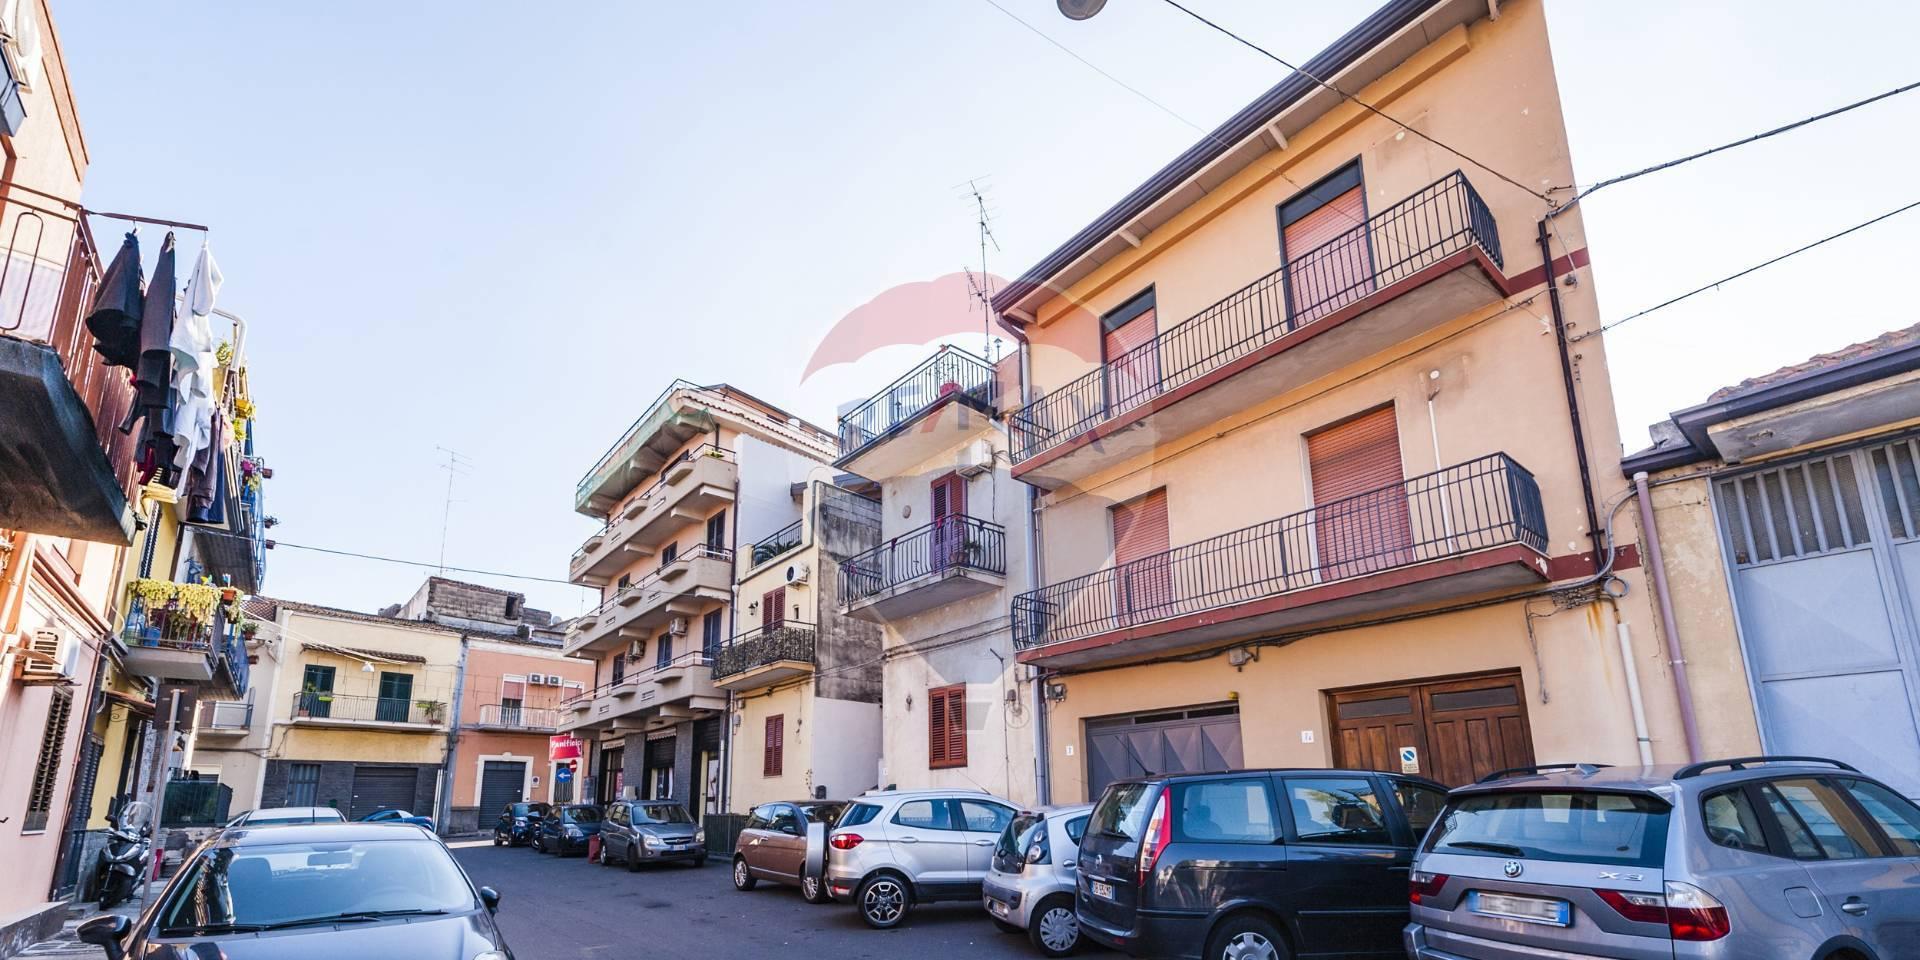 Box / Garage in vendita a Catania, 5 locali, zona Località: Ognina, prezzo € 80.000 | CambioCasa.it